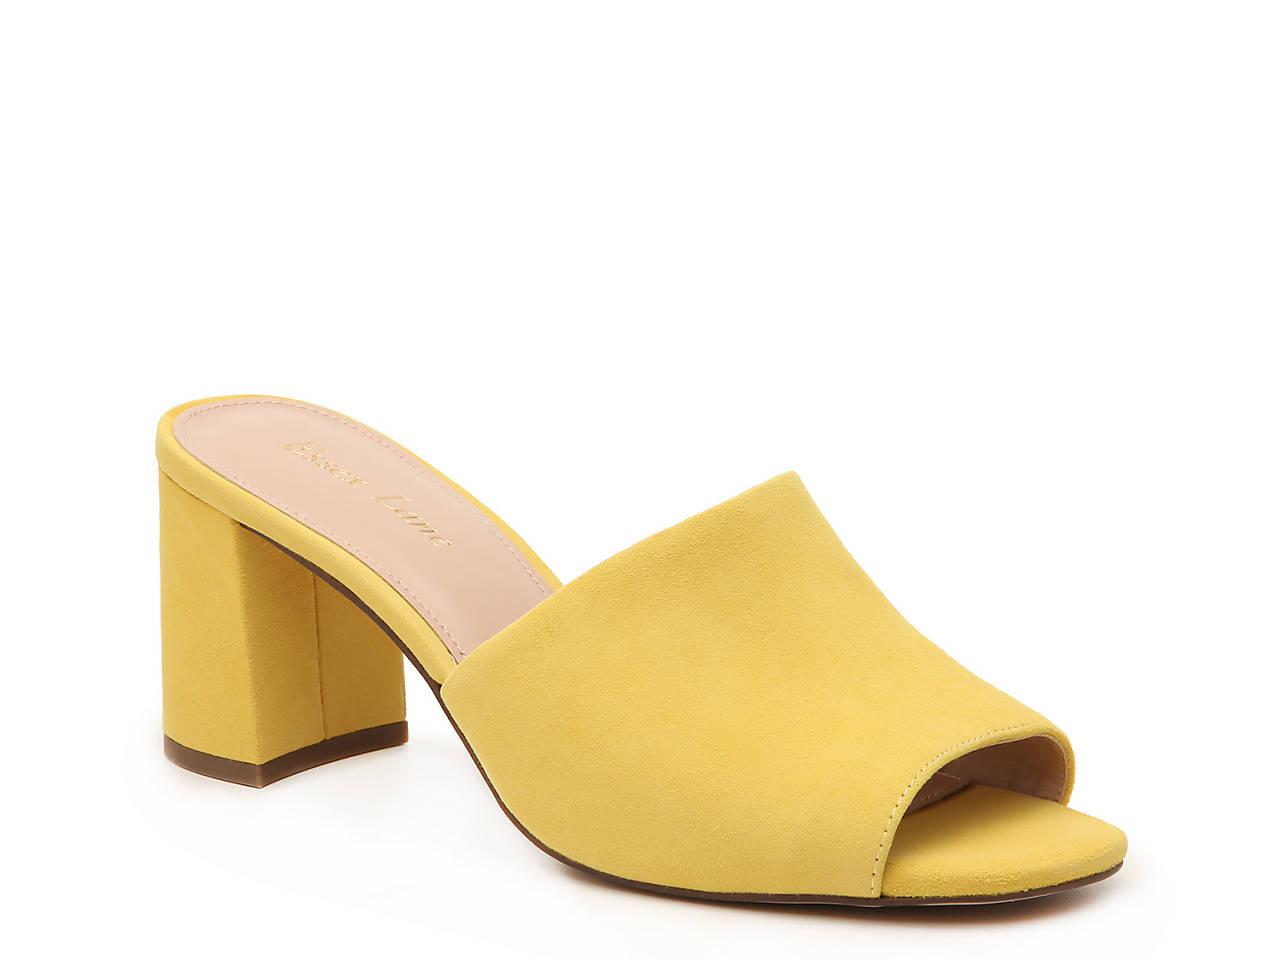 c96204ec87 Essex Lane Gavan Sandal Women's Shoes | DSW